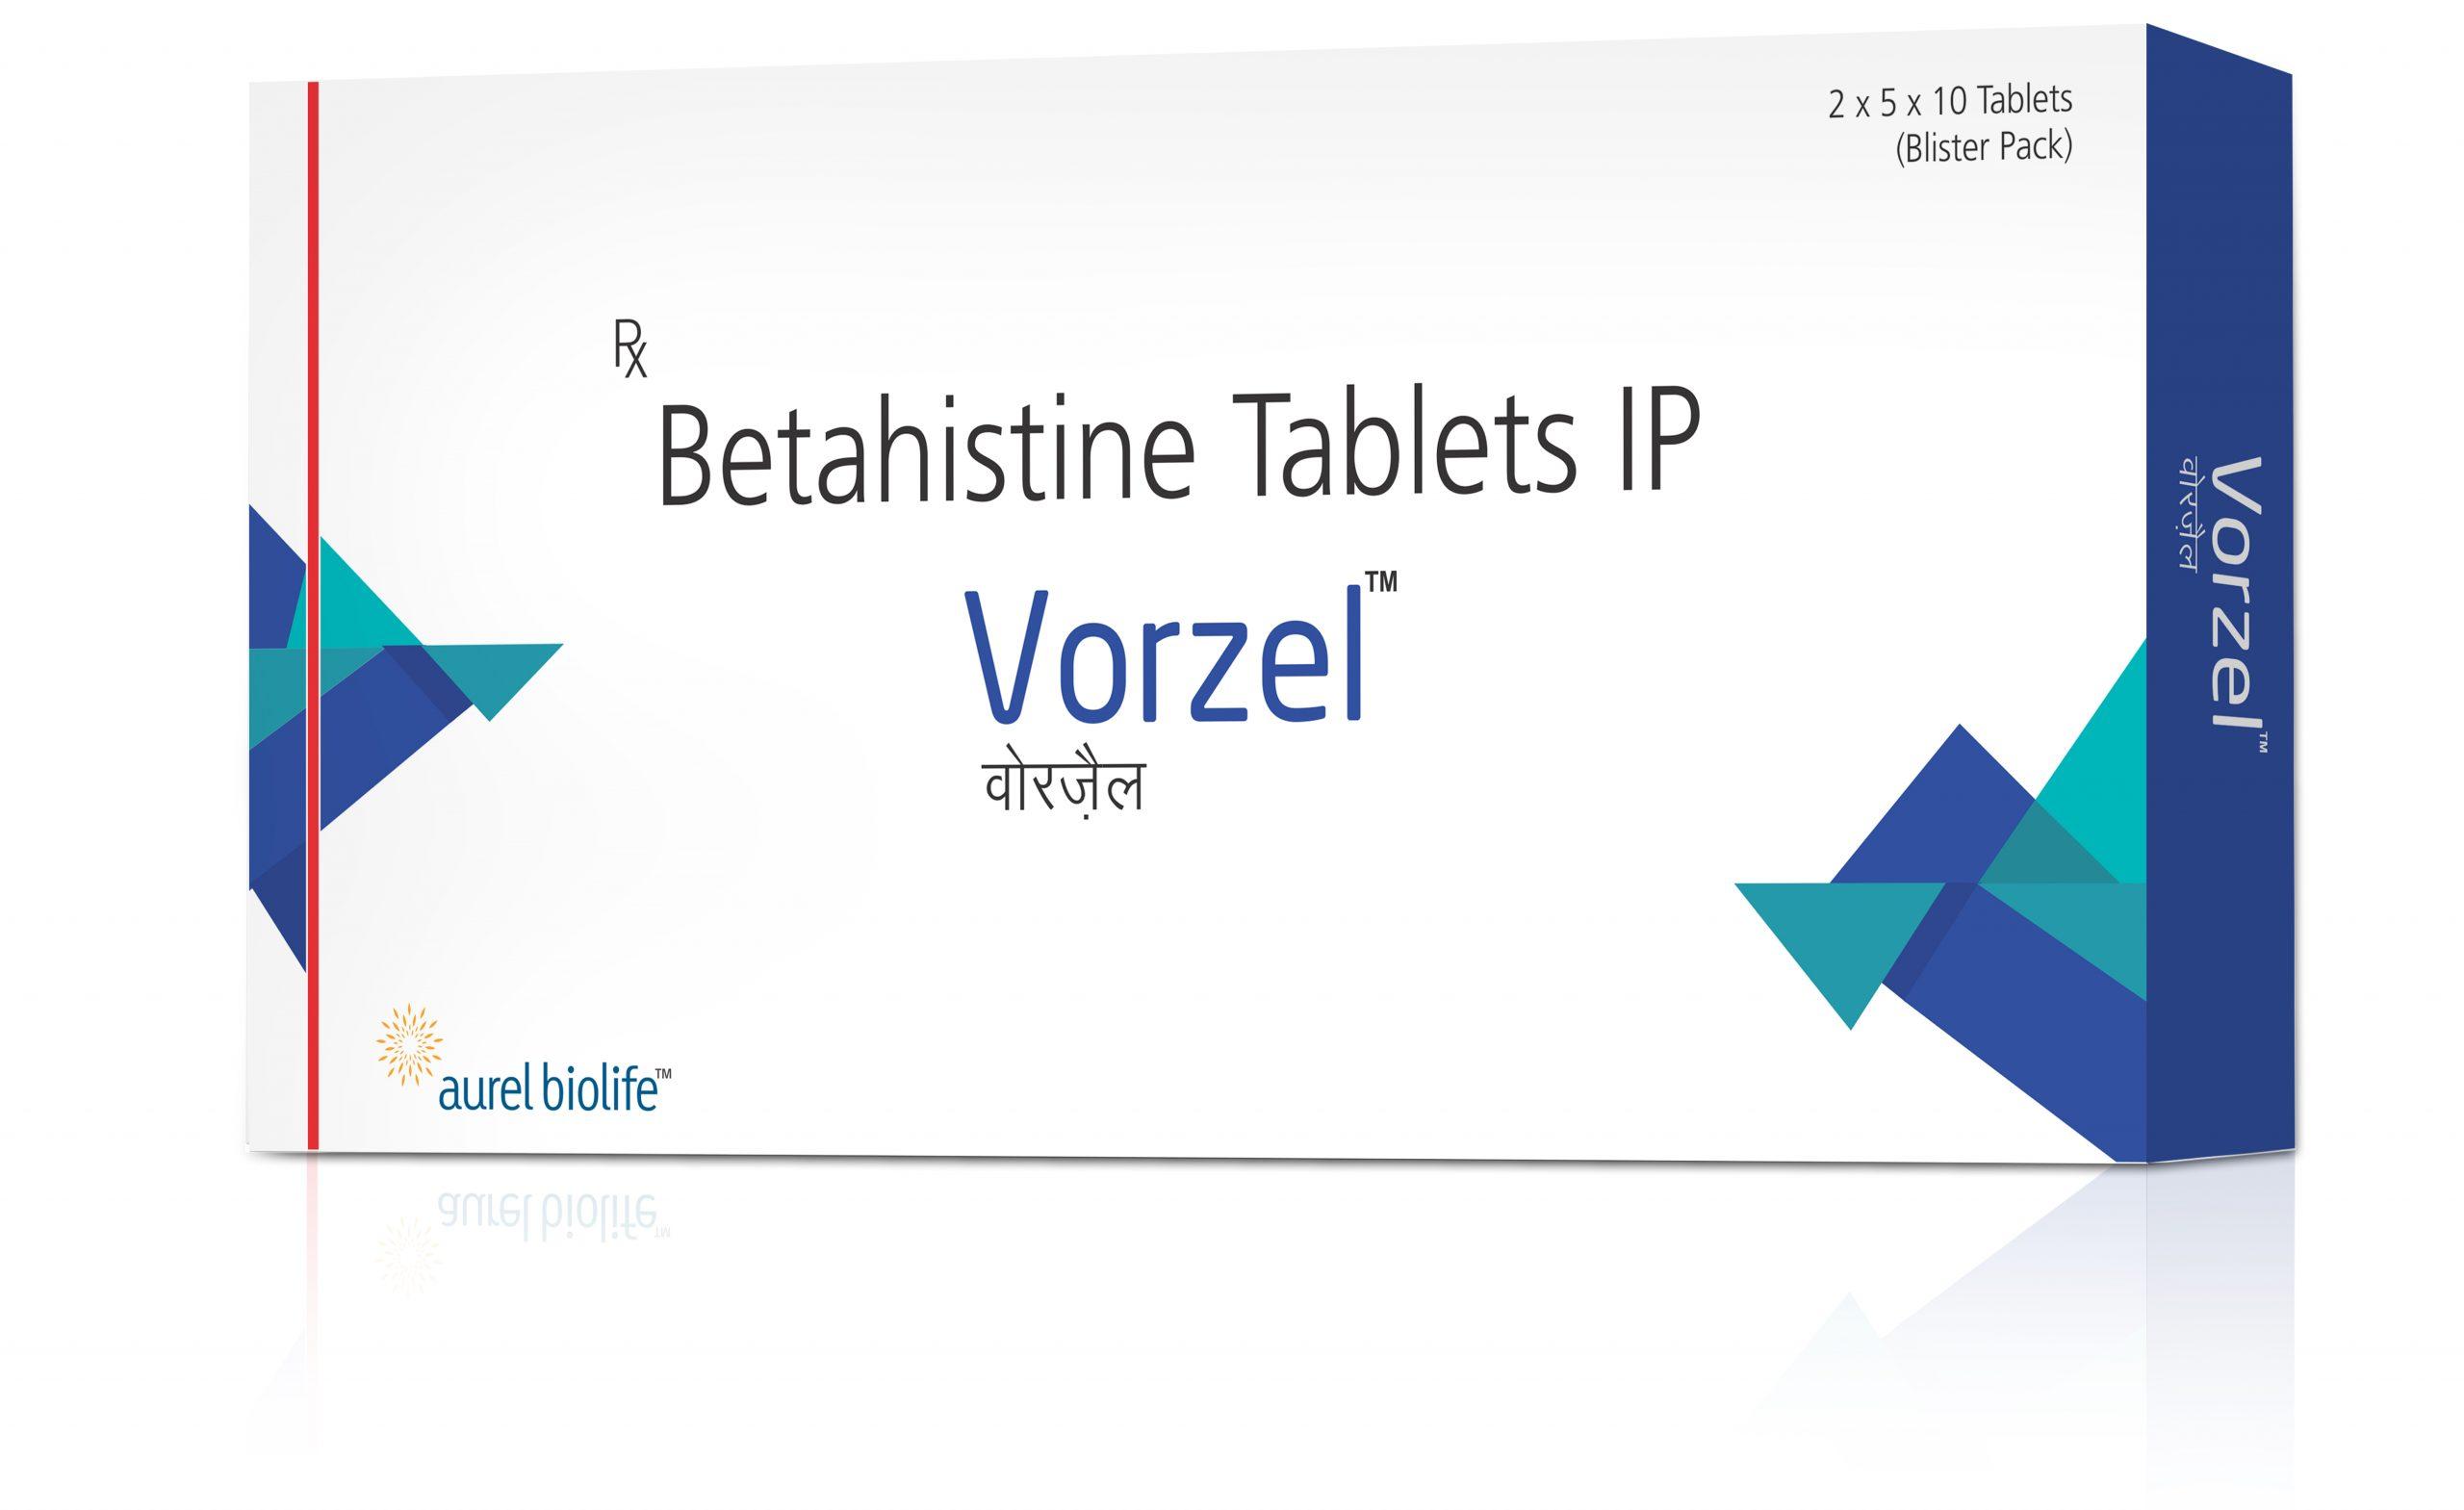 Vorzel tablets